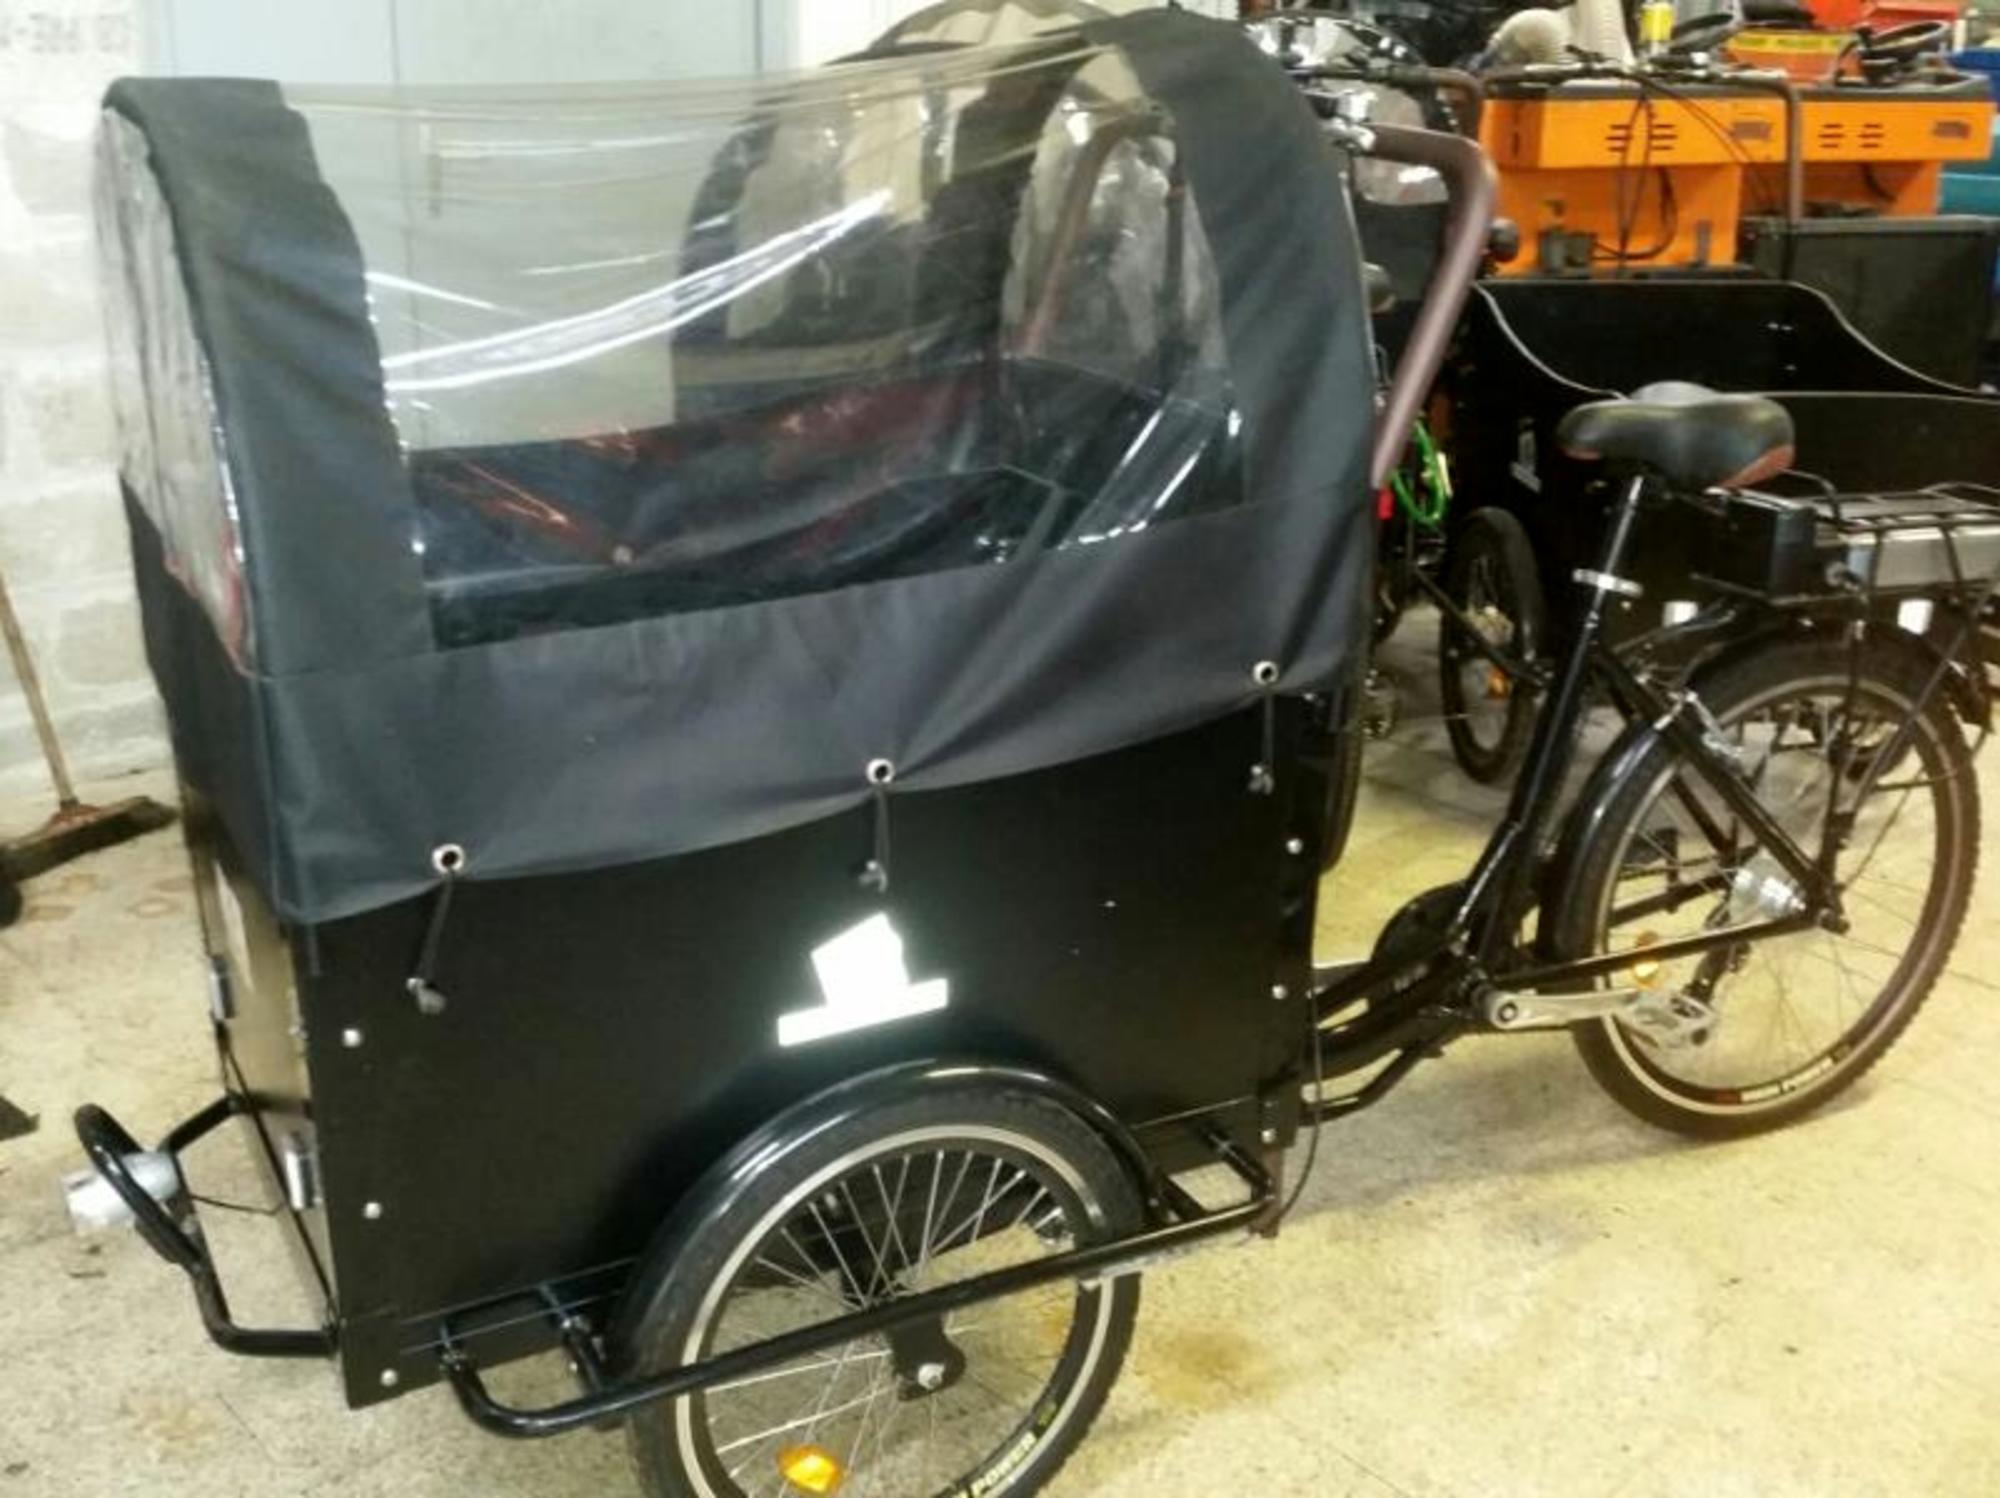 triporteur a assistance electrique moto scooter 2 roues d 39 occasion aux ench res agorastore. Black Bedroom Furniture Sets. Home Design Ideas